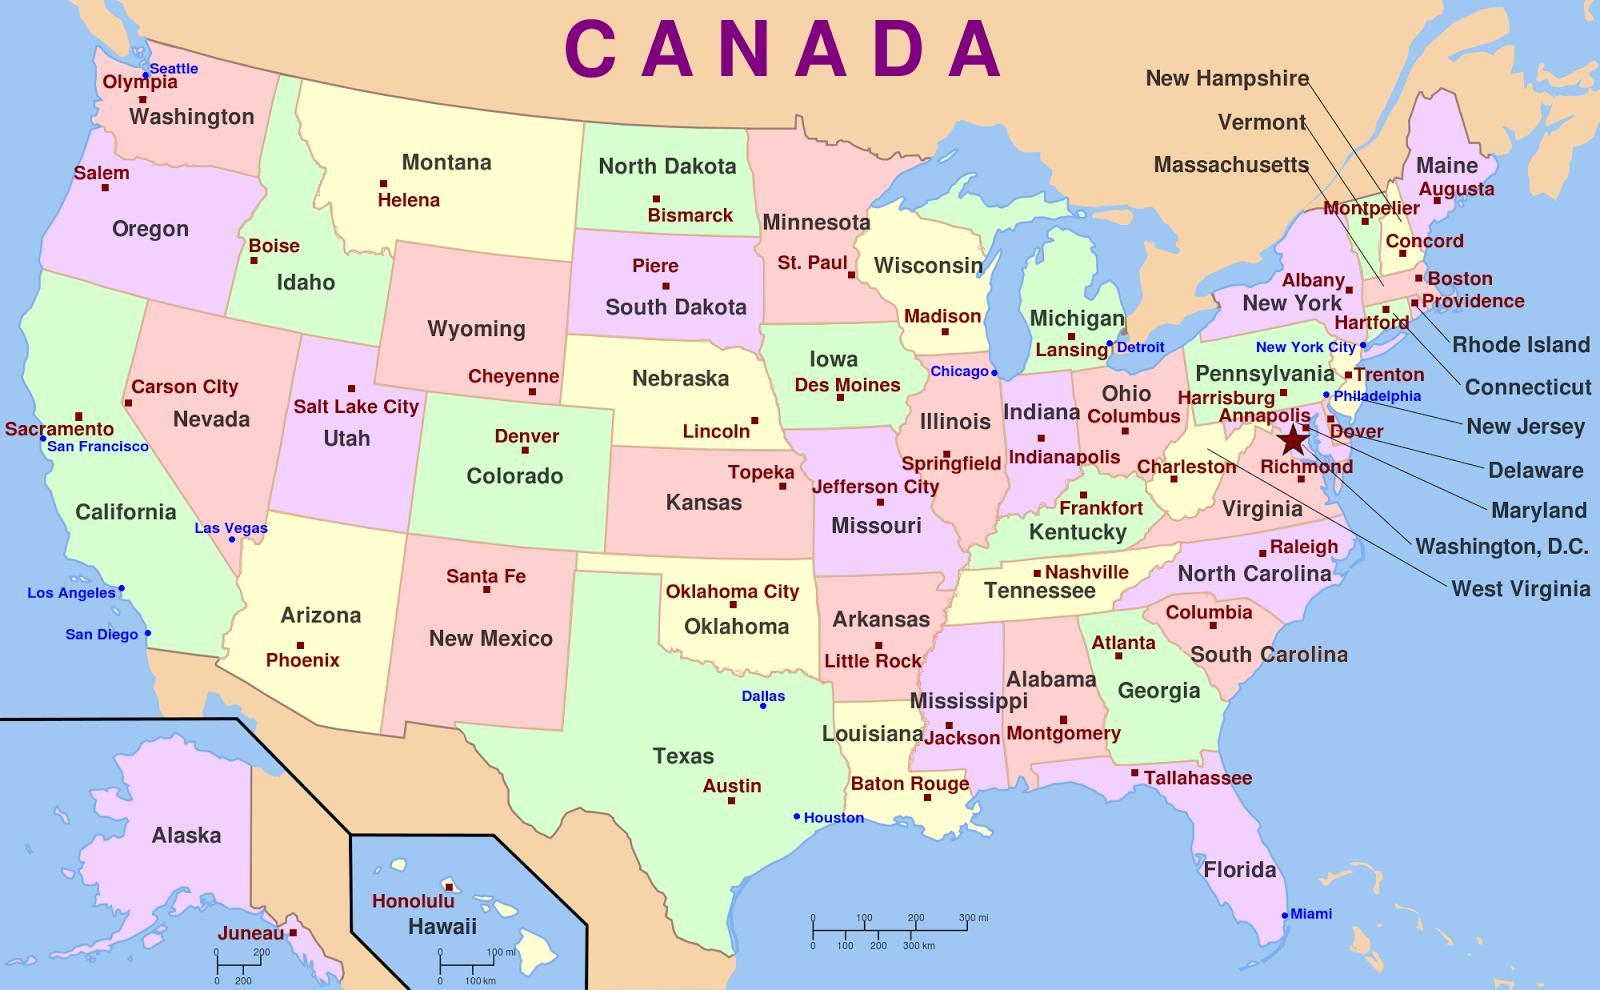 Usa Kartta Valtiot Ja Paakaupungit Usa Kartta Paakaupungeissa